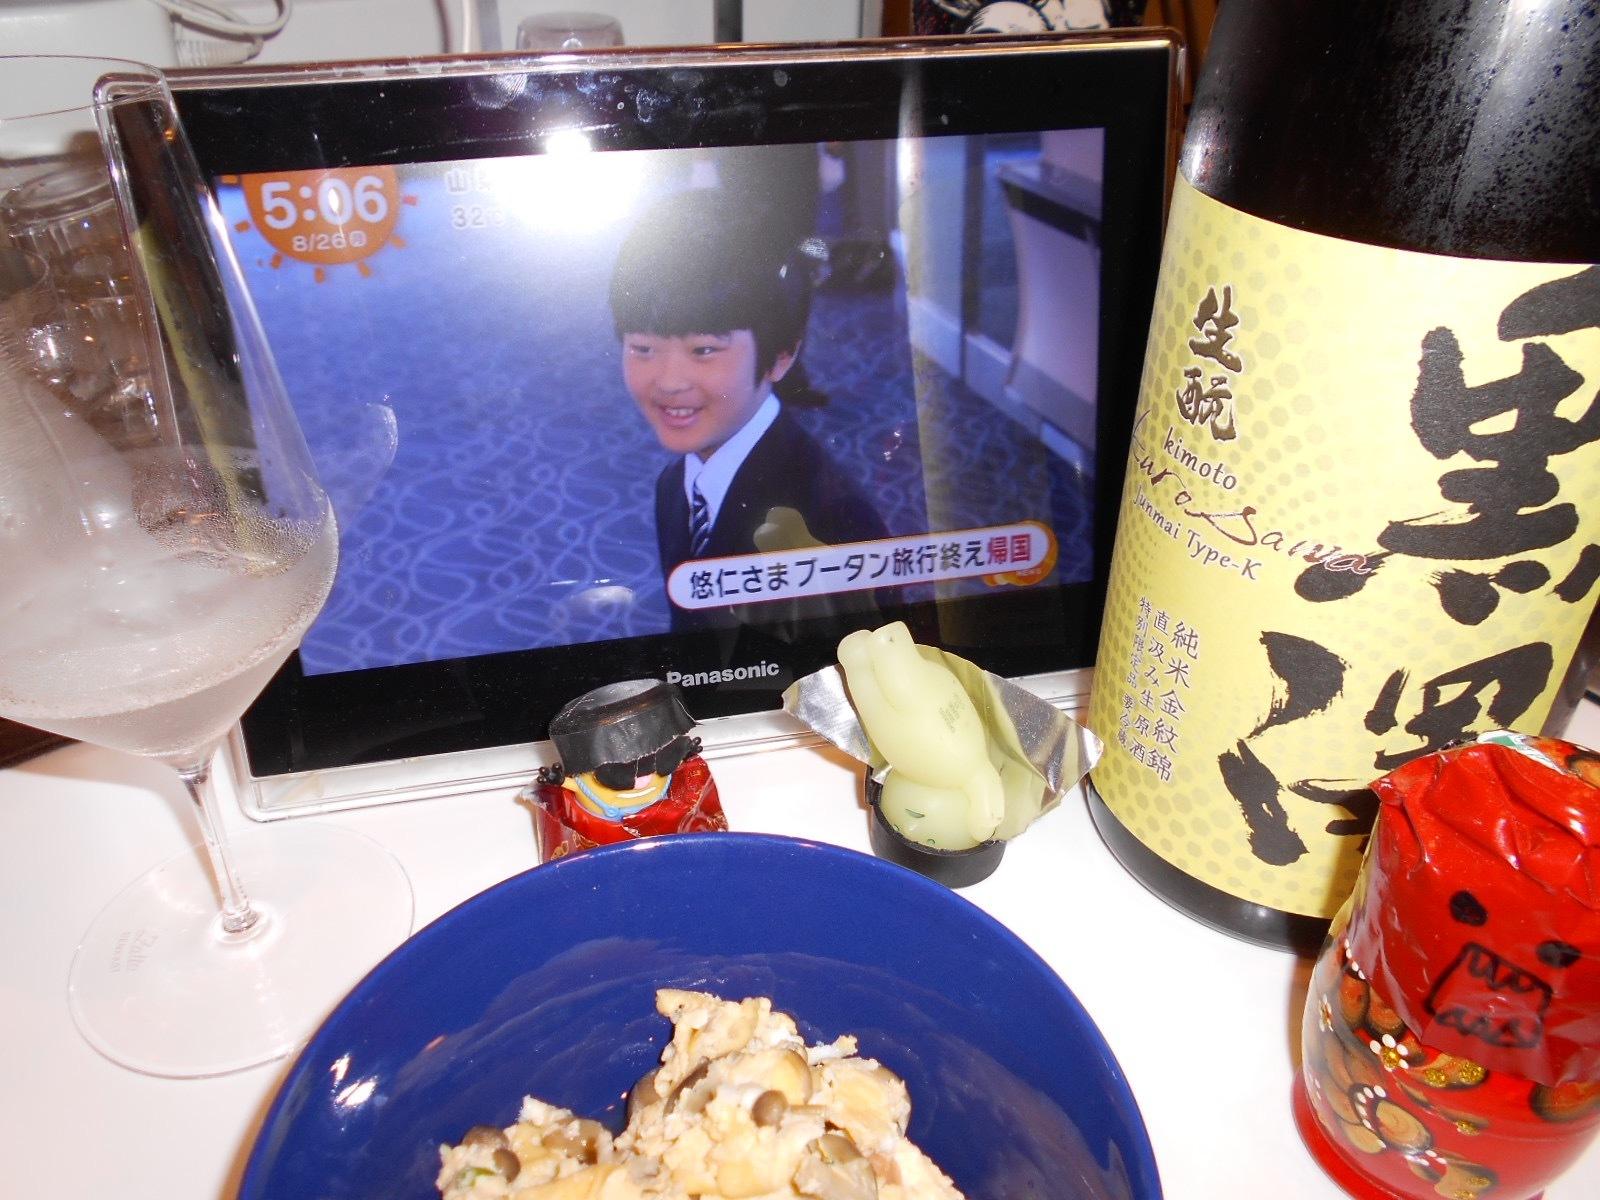 kurosawa_type-k30by4_6.jpg